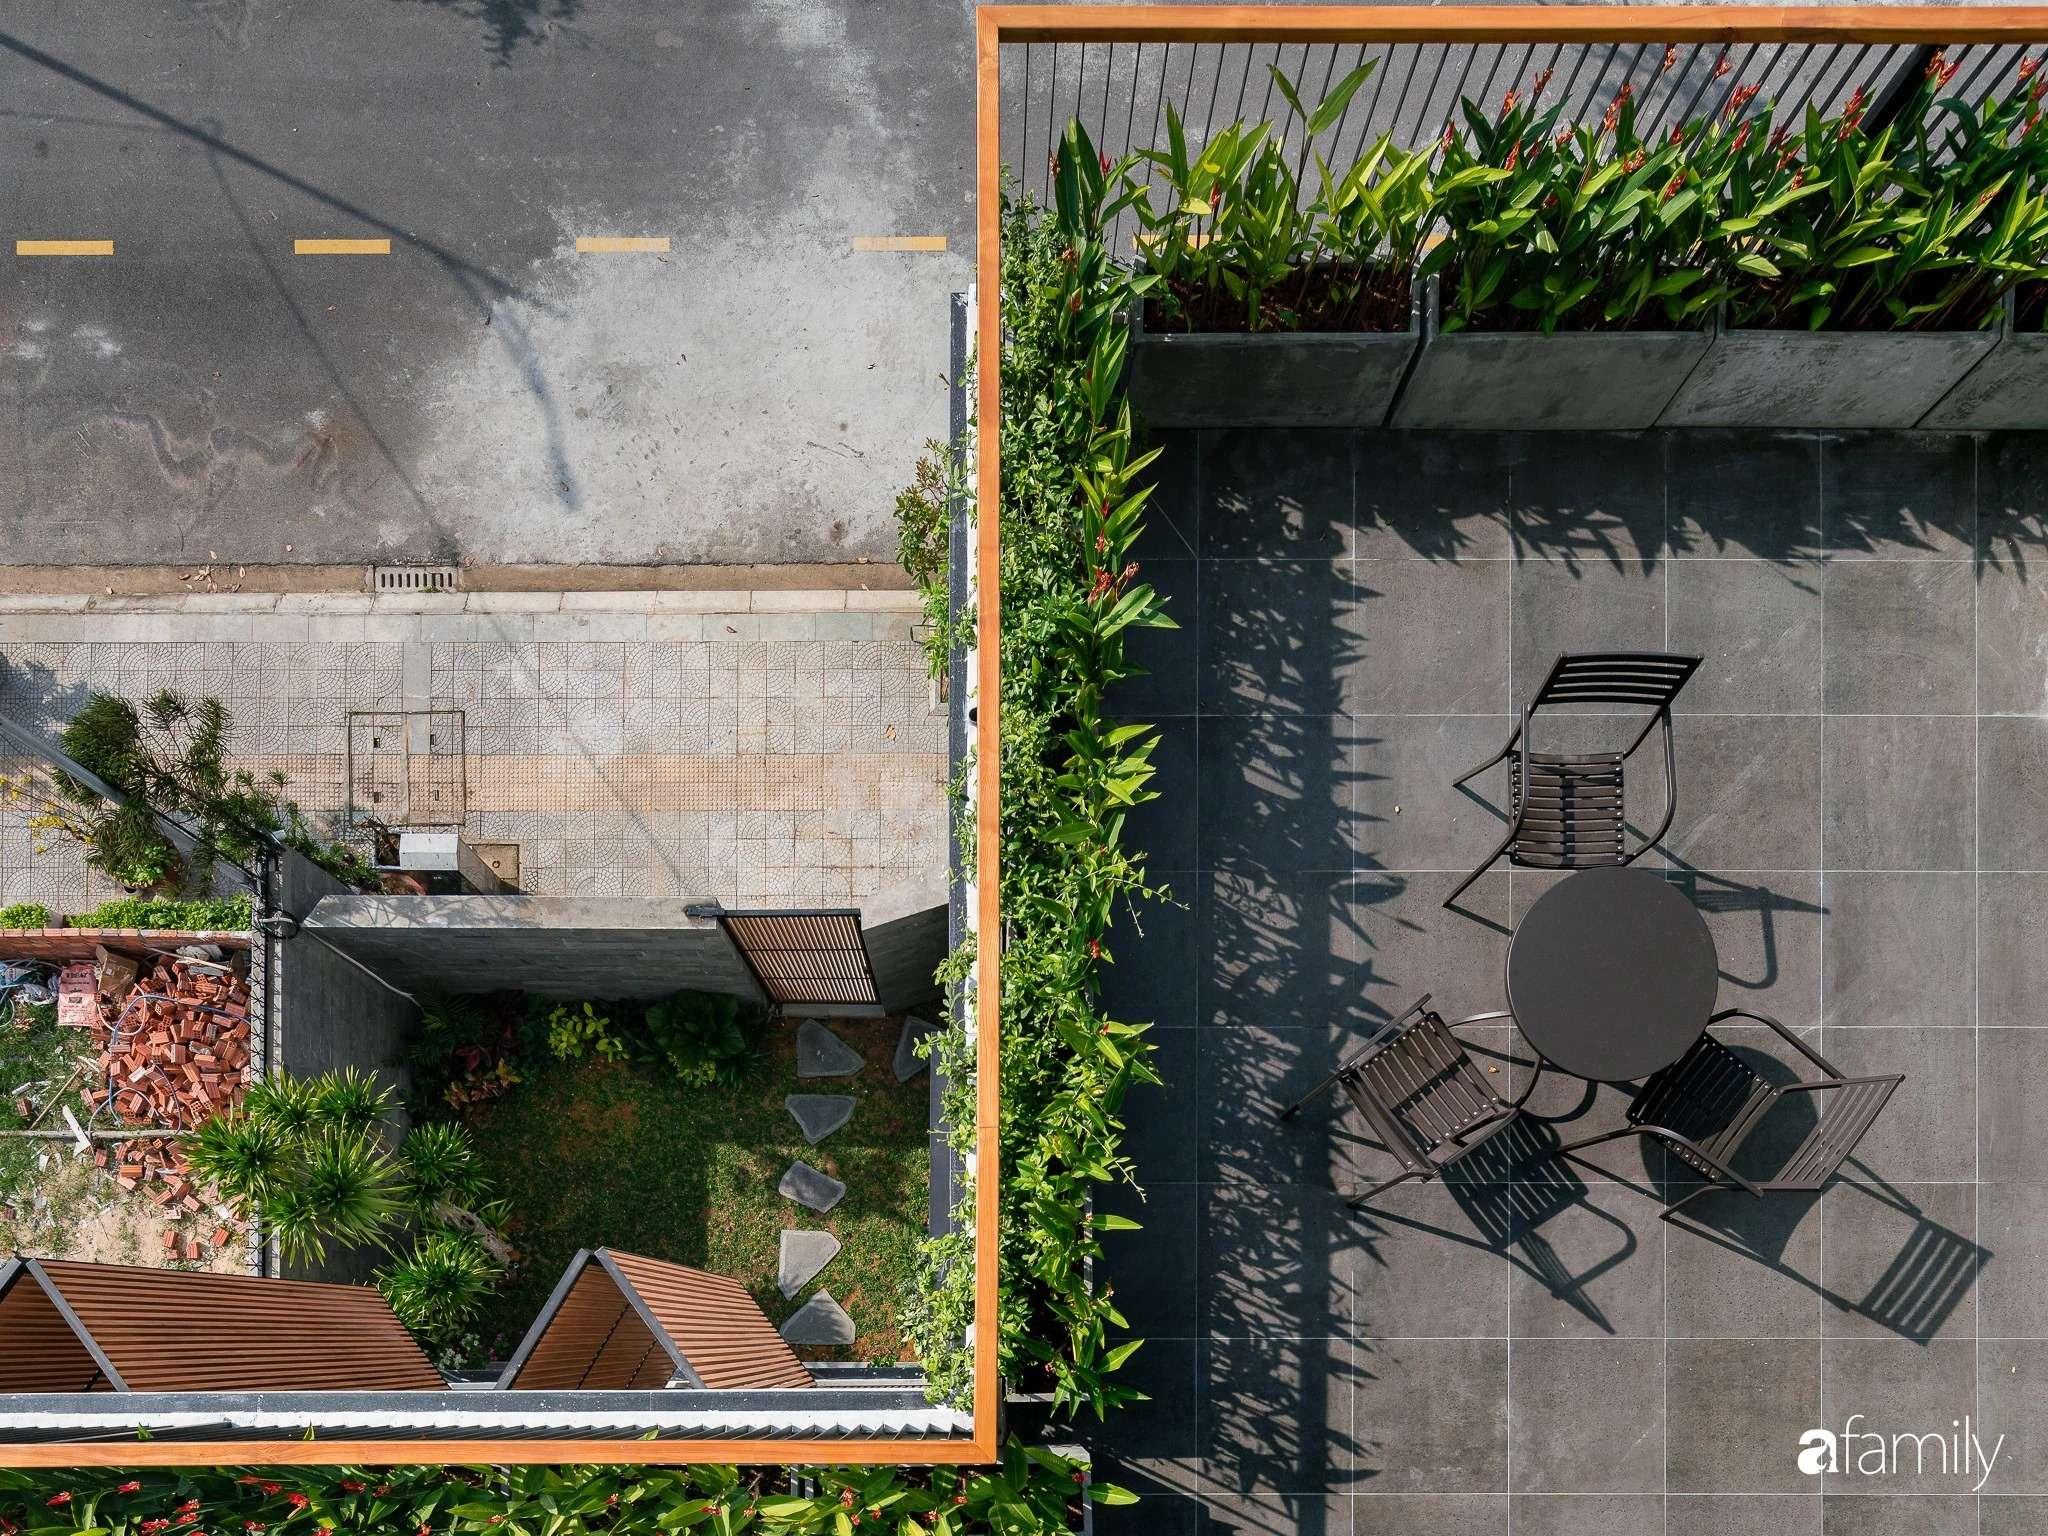 Không gian sân thượng nhìn xuống khoảng sân vườn xanh tươi cây cỏ phía dưới.